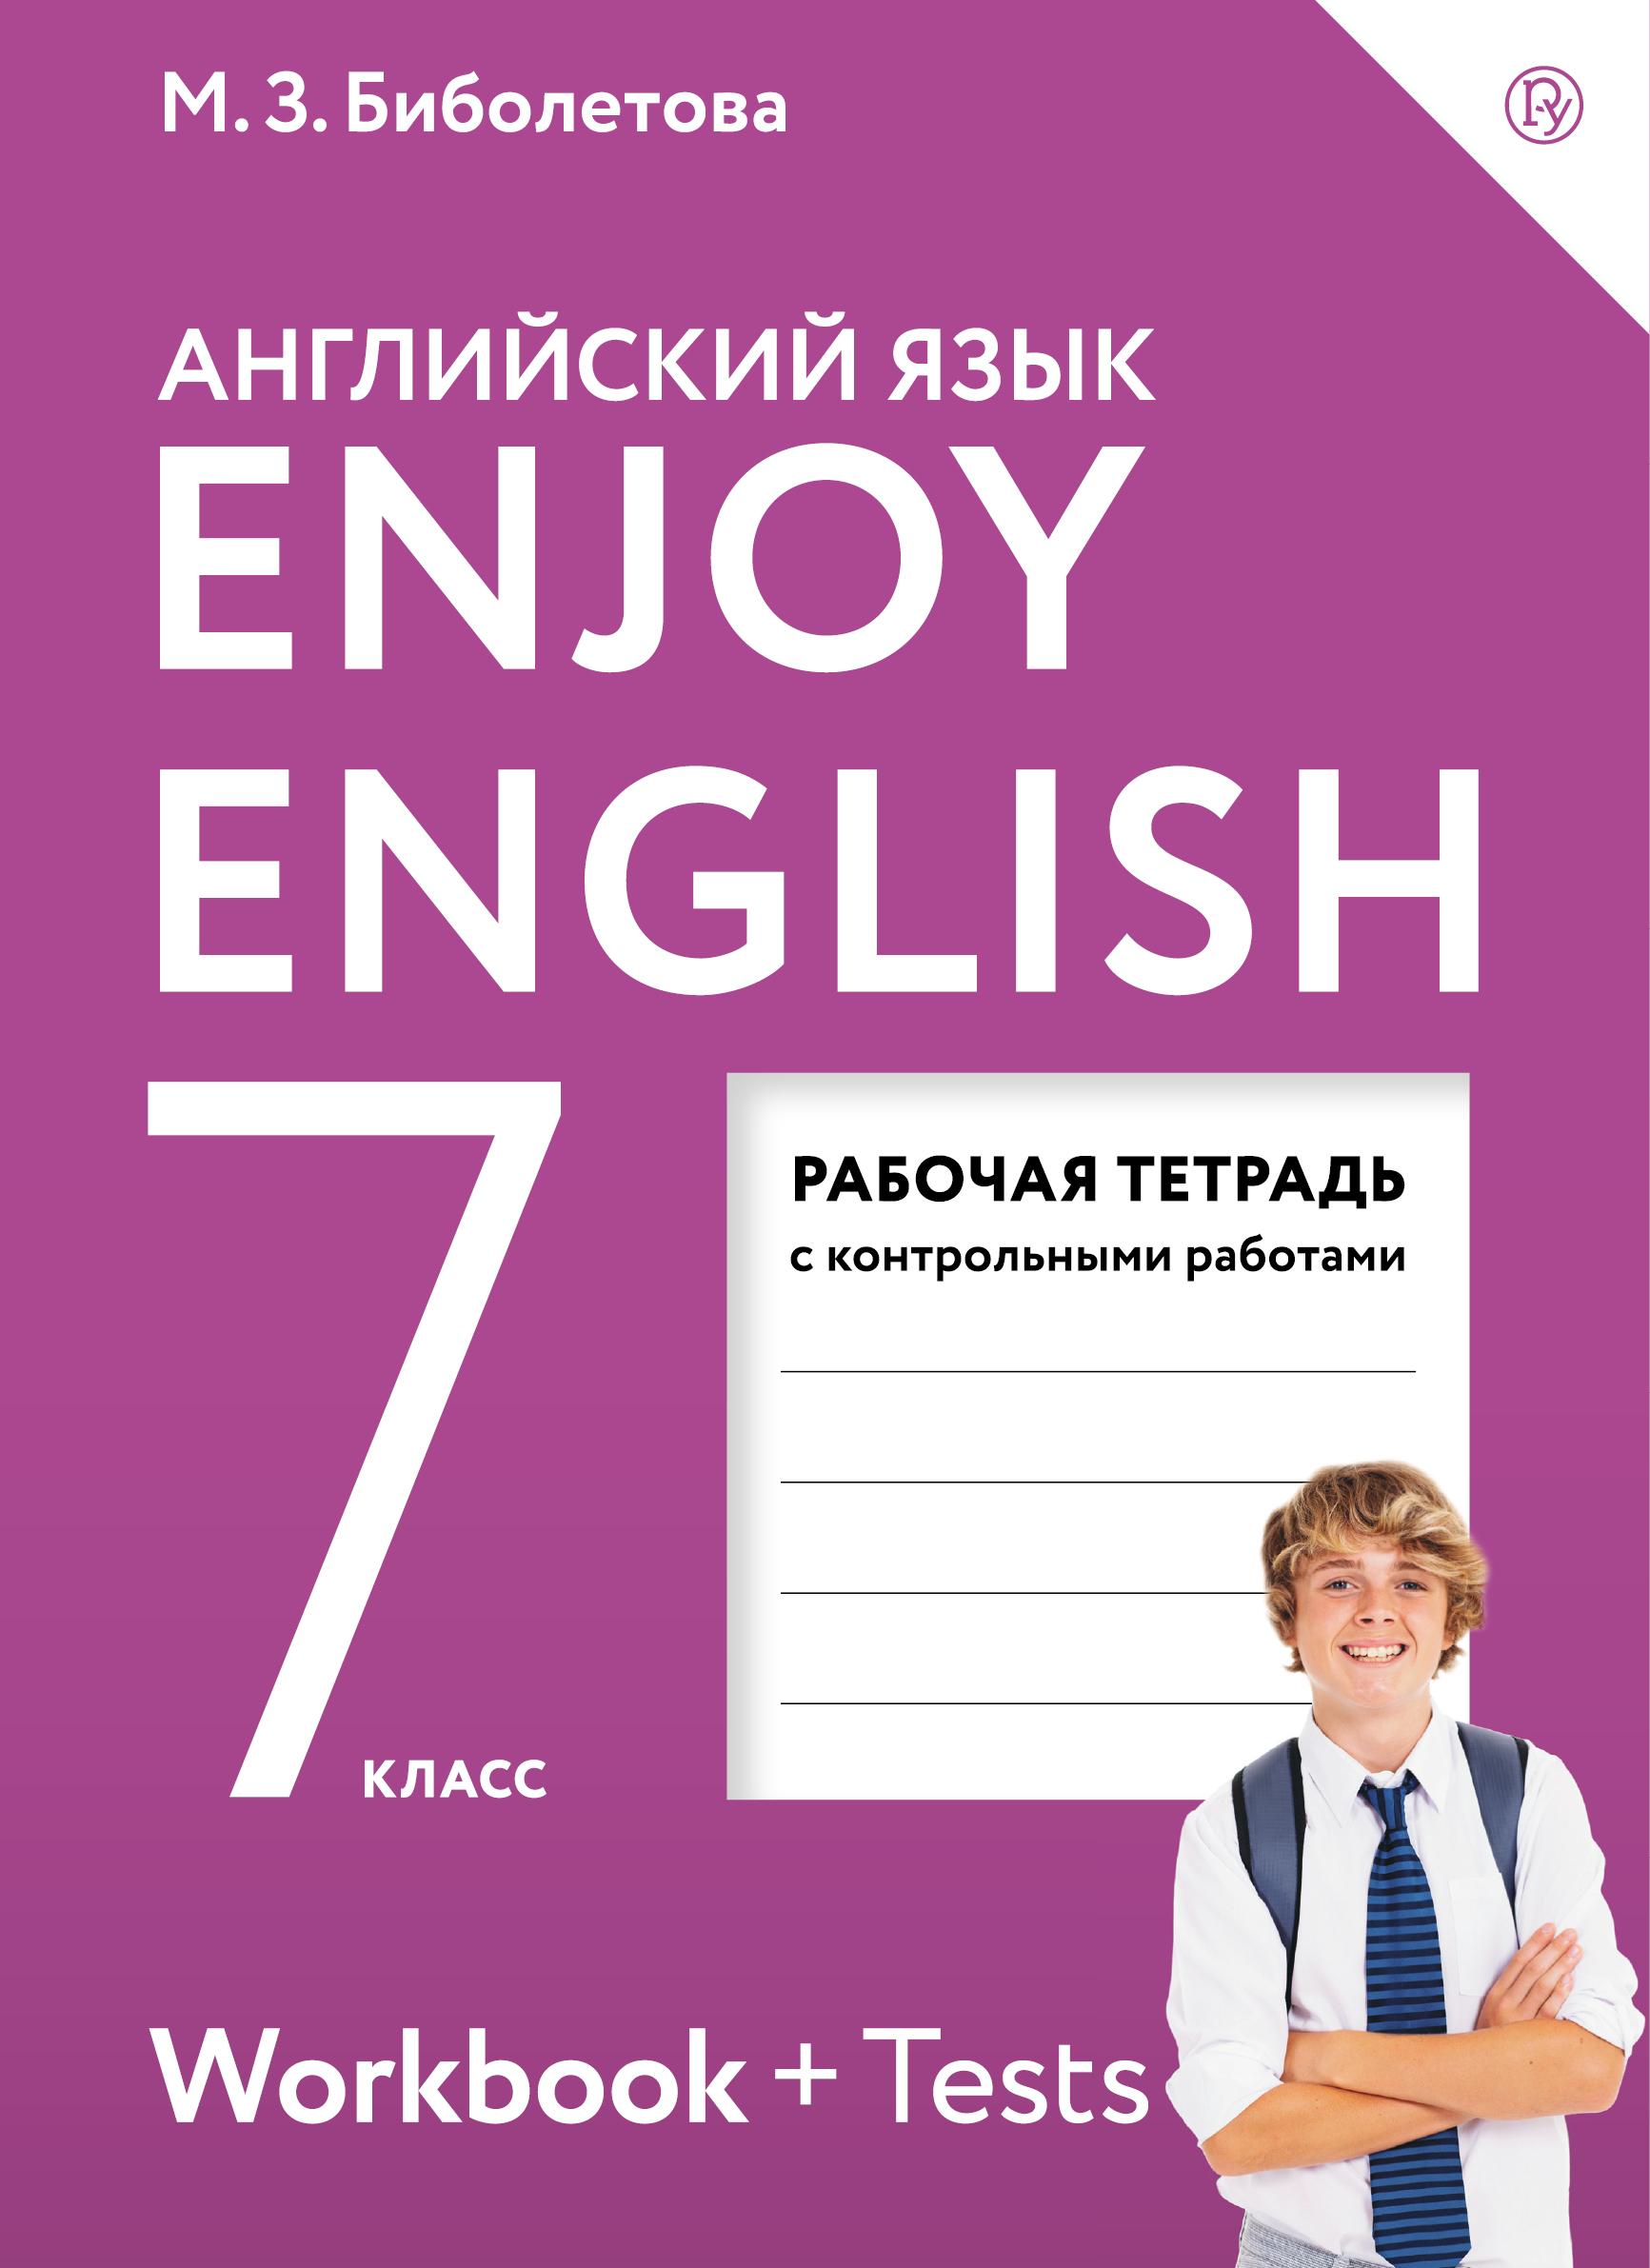 Биболетова М.З., Бабушис Е.Е. Enjoy English/Английский с удовольствием. 7 класс. Рабочая тетрадь и н верещагина english 1 класс рабочая тетрадь